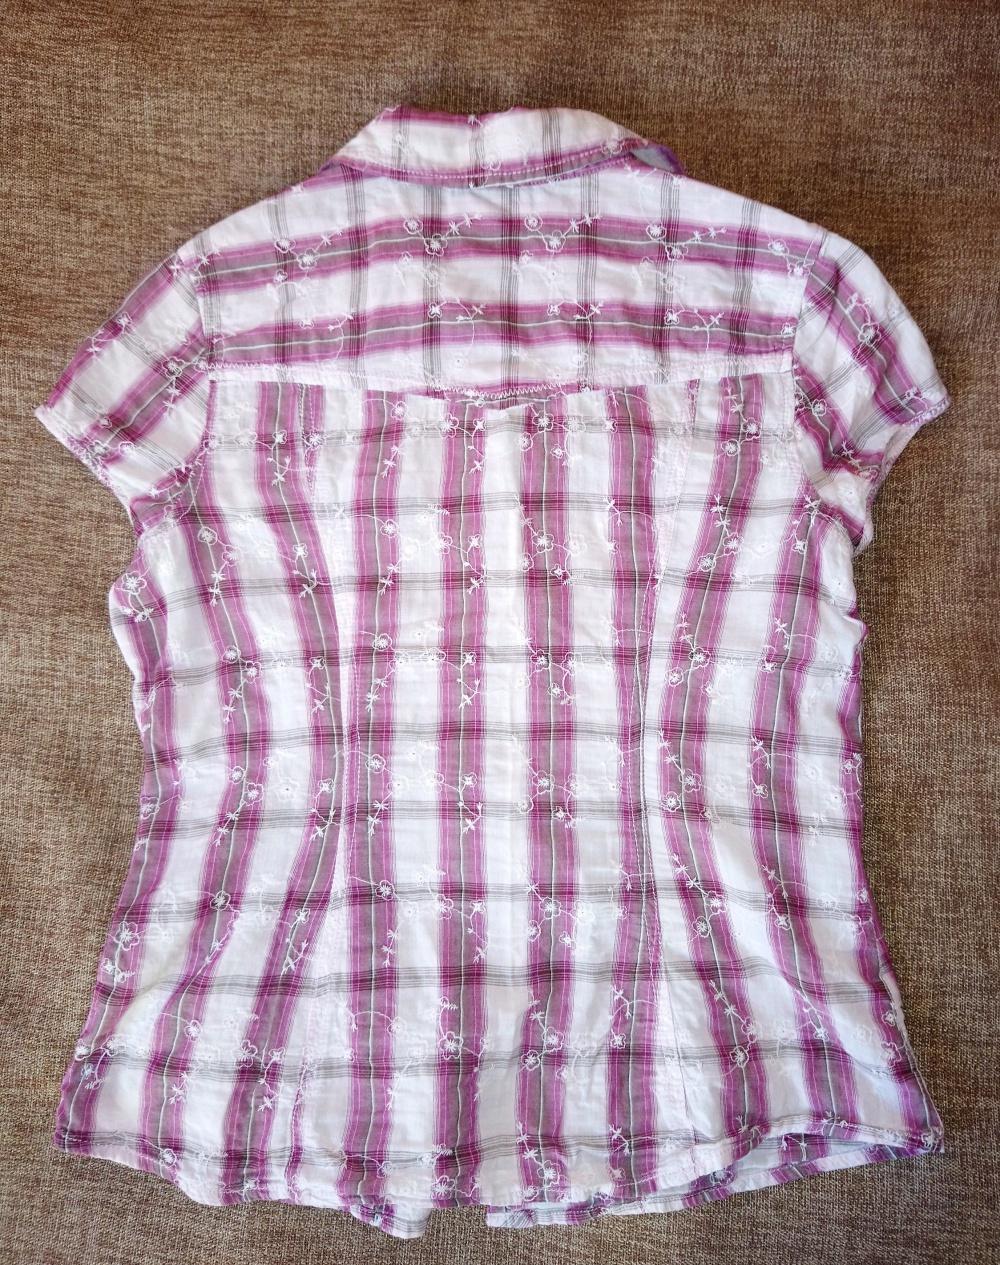 Сет из 3х хлопковых рубашек европейских фирм, 46